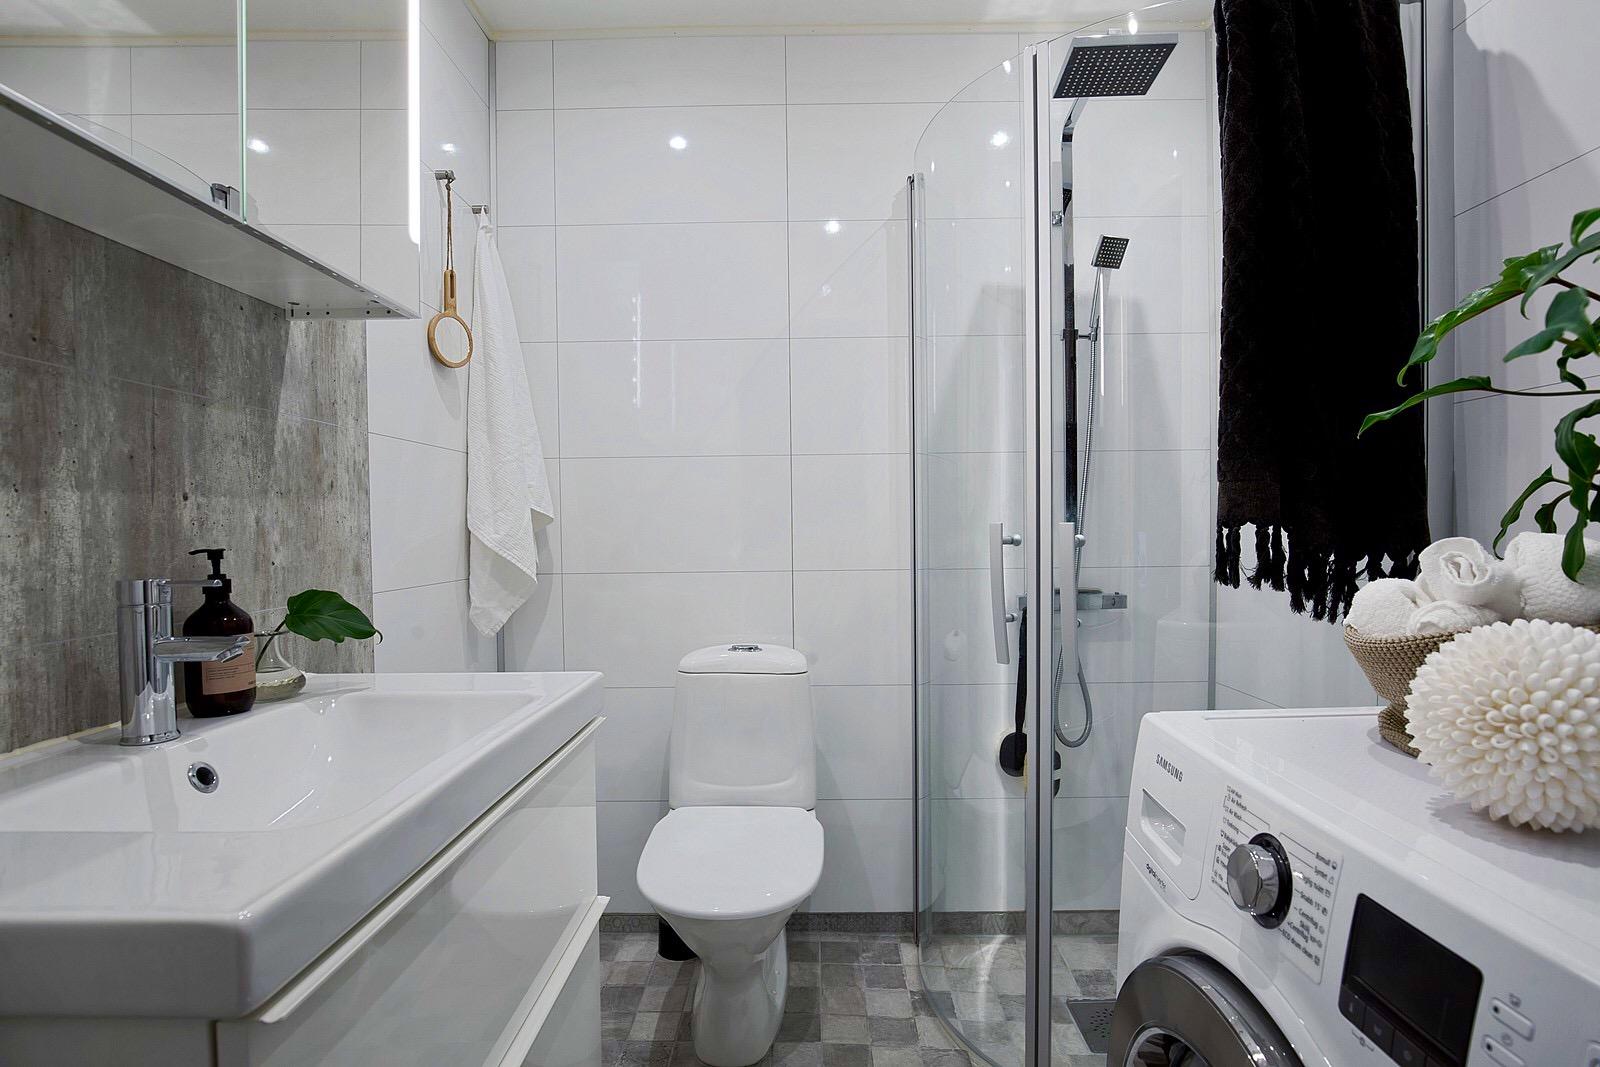 санузел раковина зеркало плитка душ стиральная машина